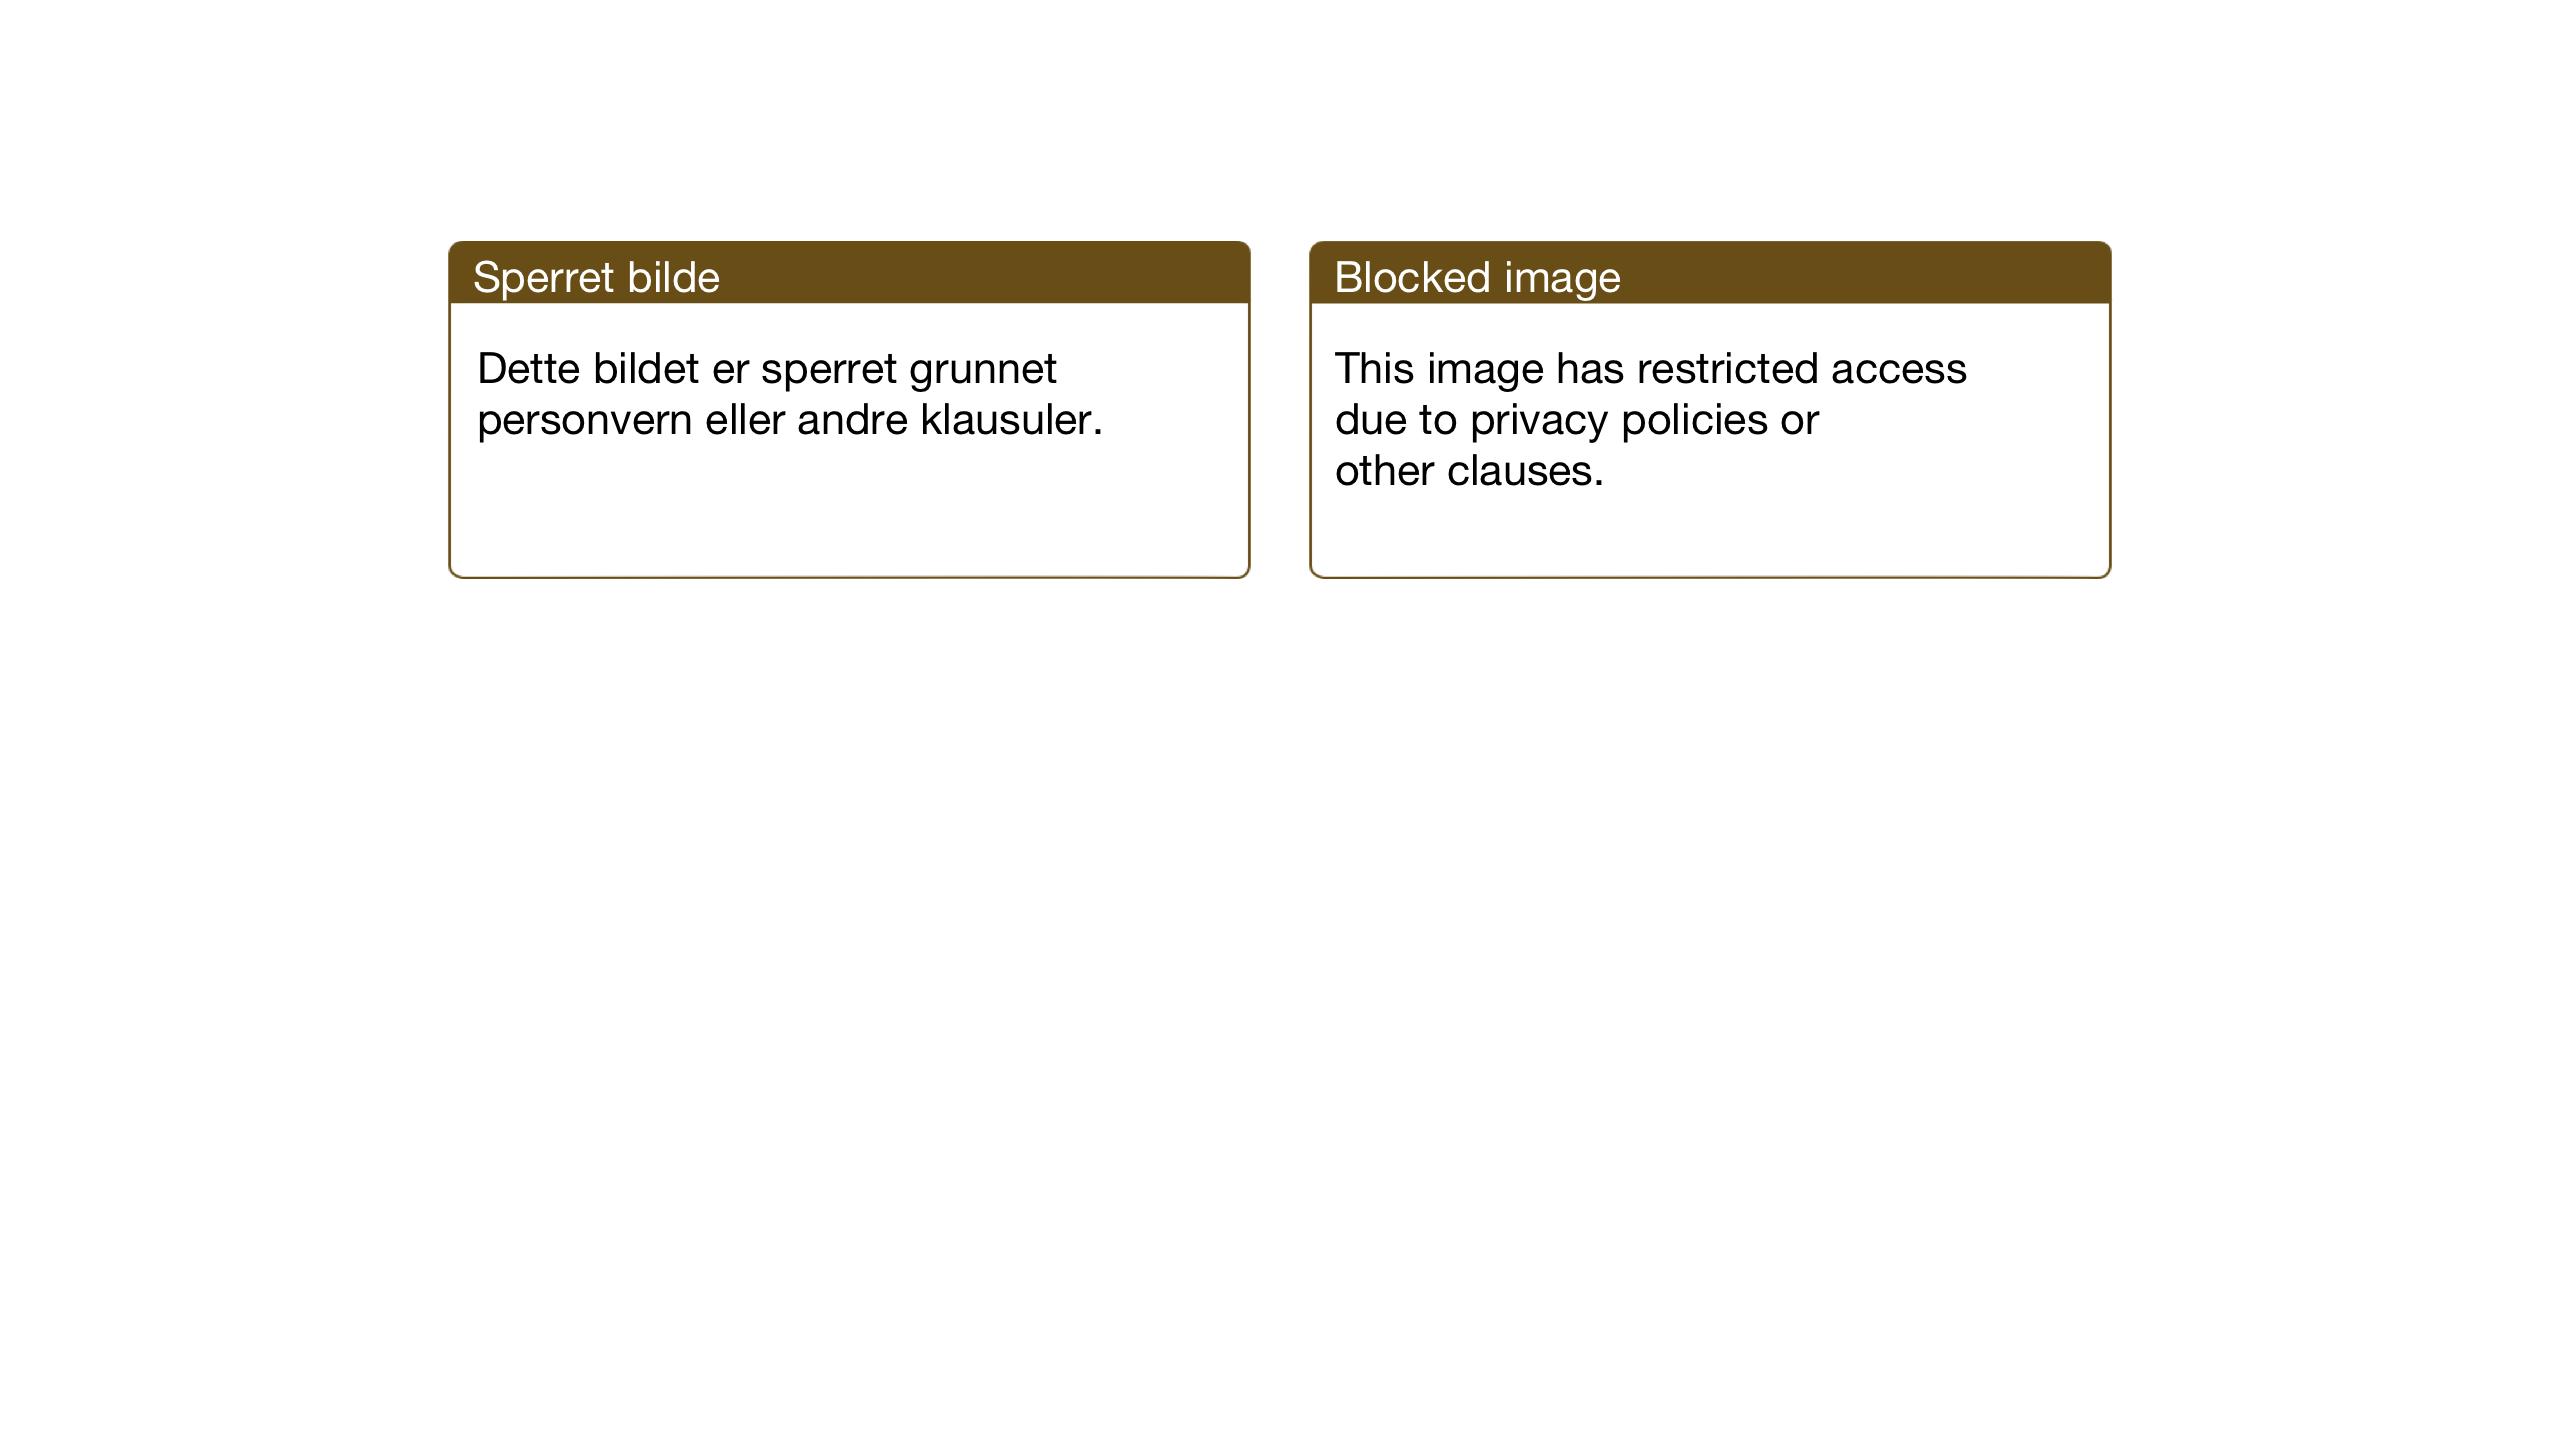 SAT, Ministerialprotokoller, klokkerbøker og fødselsregistre - Sør-Trøndelag, 611/L0359: Klokkerbok nr. 611C07, 1947-1950, s. 108